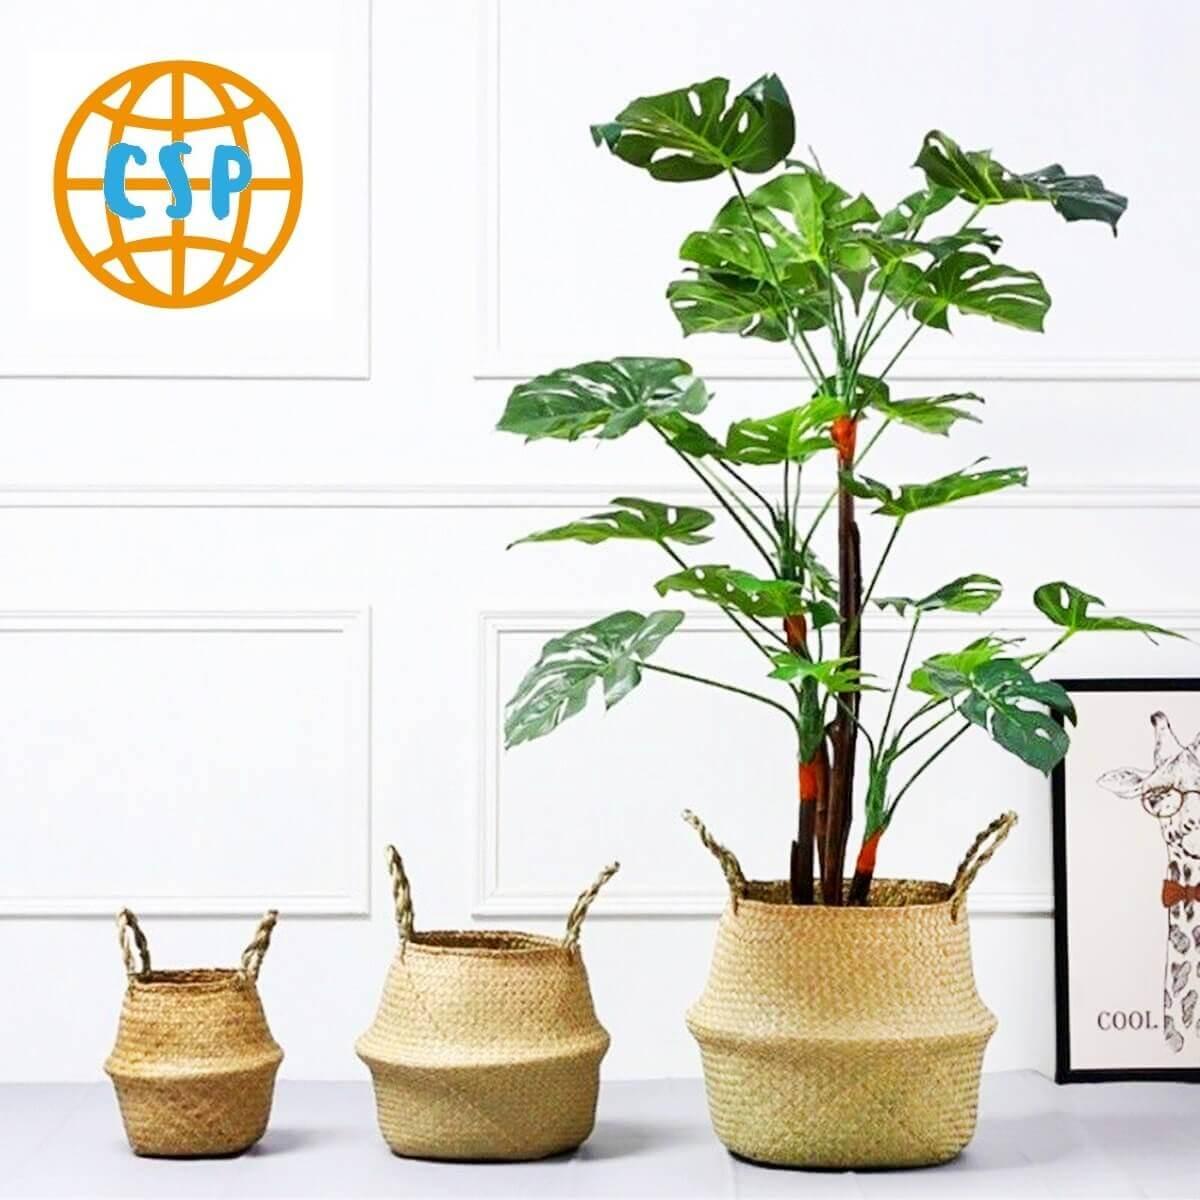 Bolso Tejido Fibras Naturales, ecológico, sostenible, natural, único y respeta el medio ambiente; juego de 3